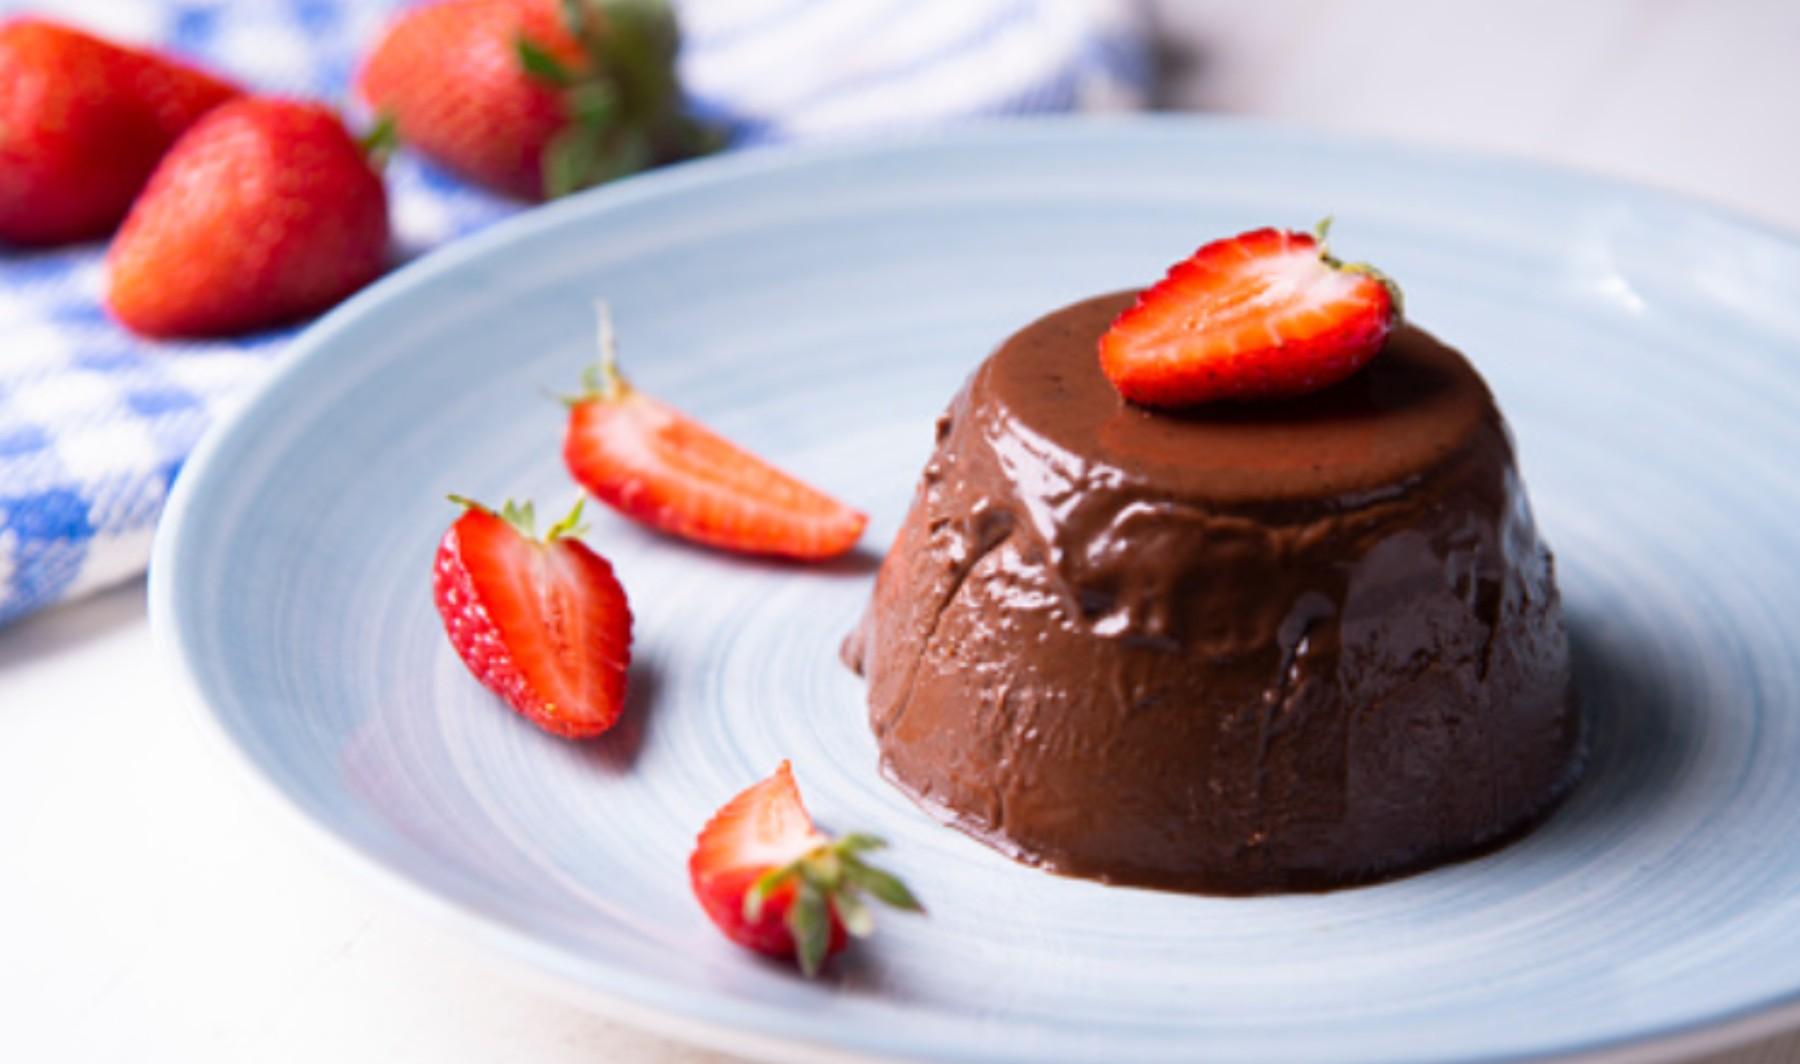 Natillas de chocolate sin azúcar, receta de la merienda más saludable